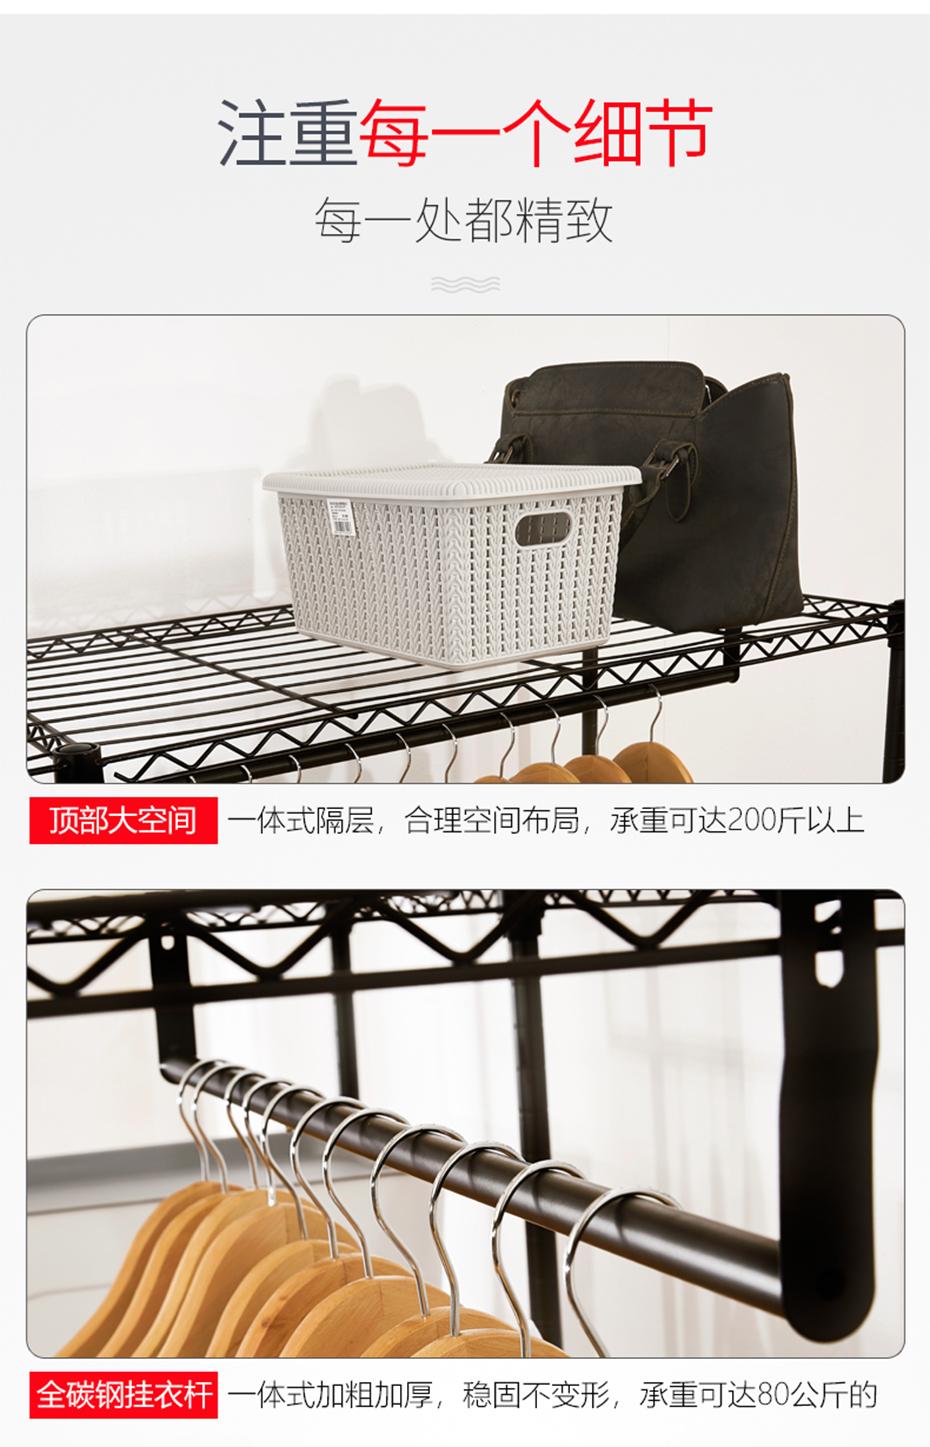 简约现代黑色烤漆碳钢衣橱架挂衣架带布罩金属衣柜-川井